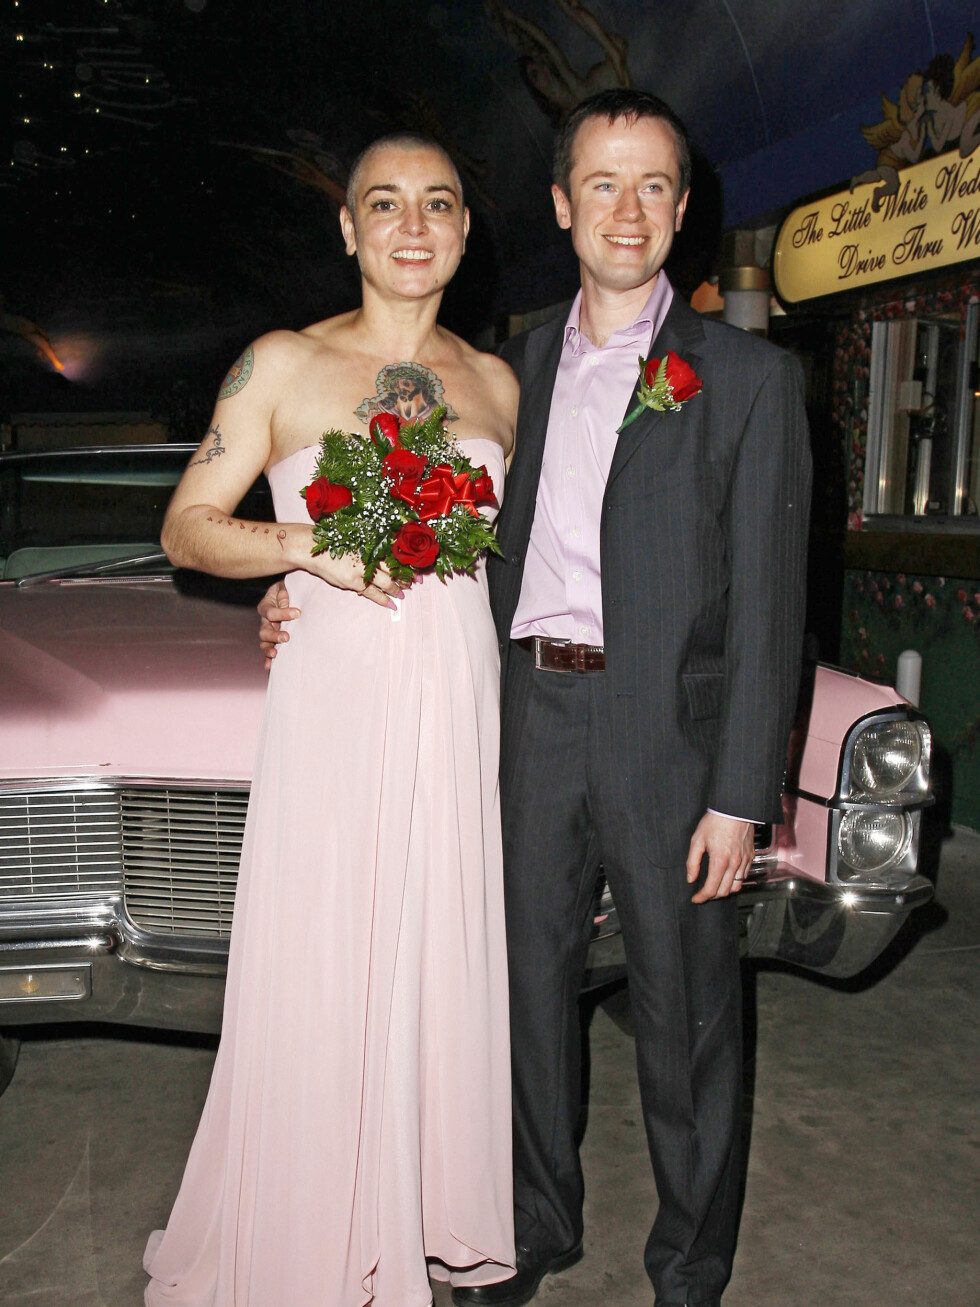 Sangstjerne Sinead OConnor giftet seg (2011) - for senere å skille seg fra Barry Herridge. Foto: All Over Press